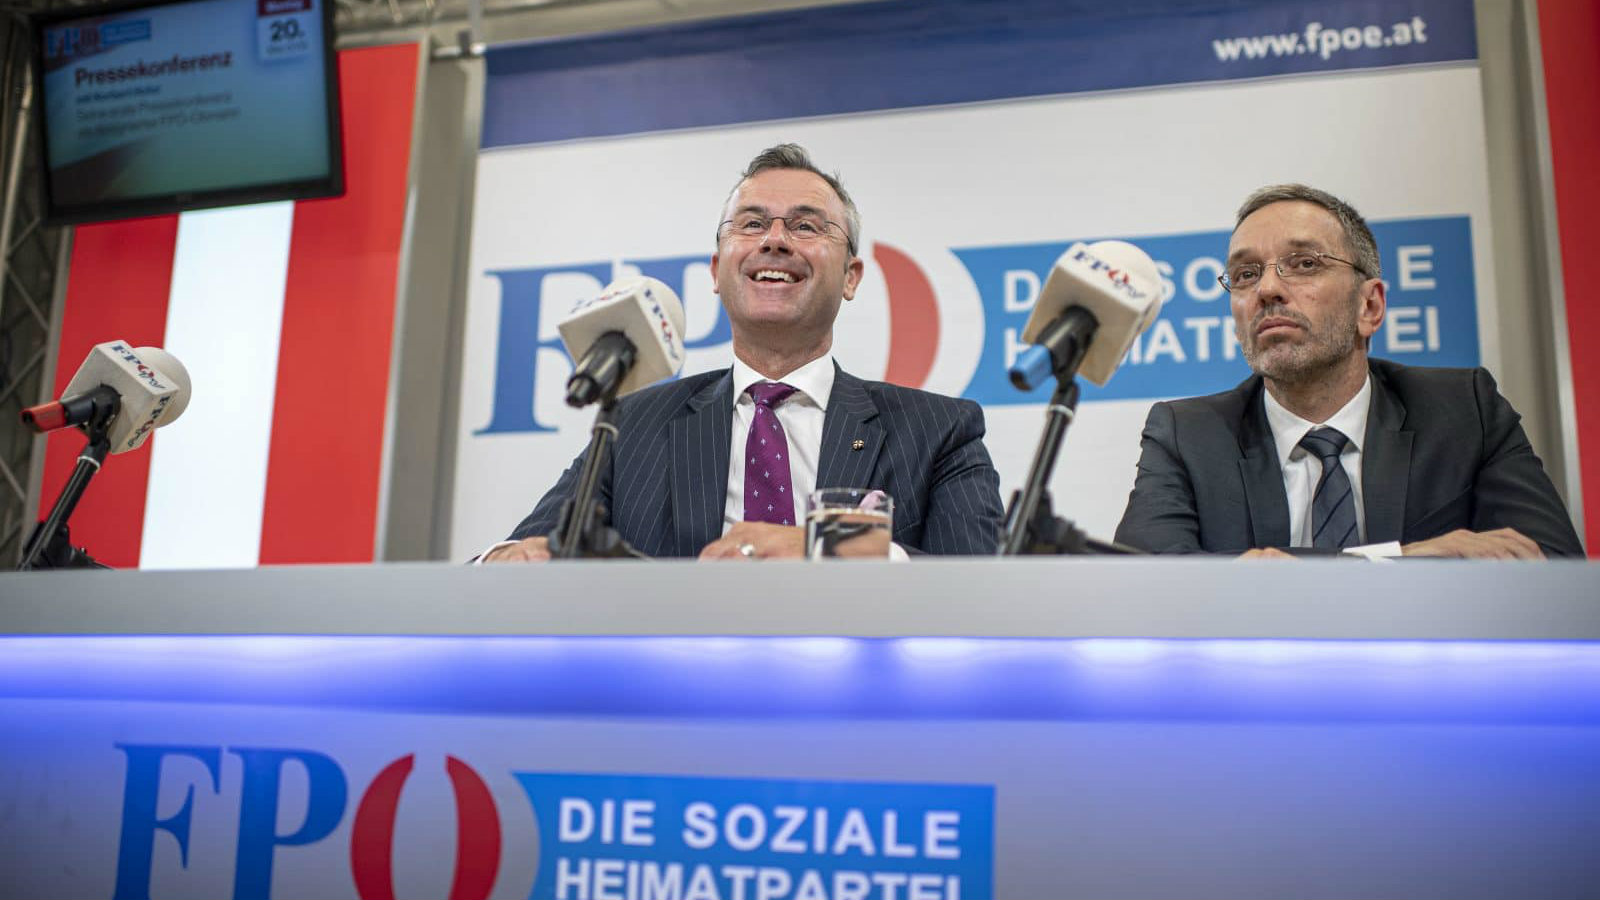 Pakt sa đavolom: Austrijski Srbi prigrlili antimigrantsku desnicu 3